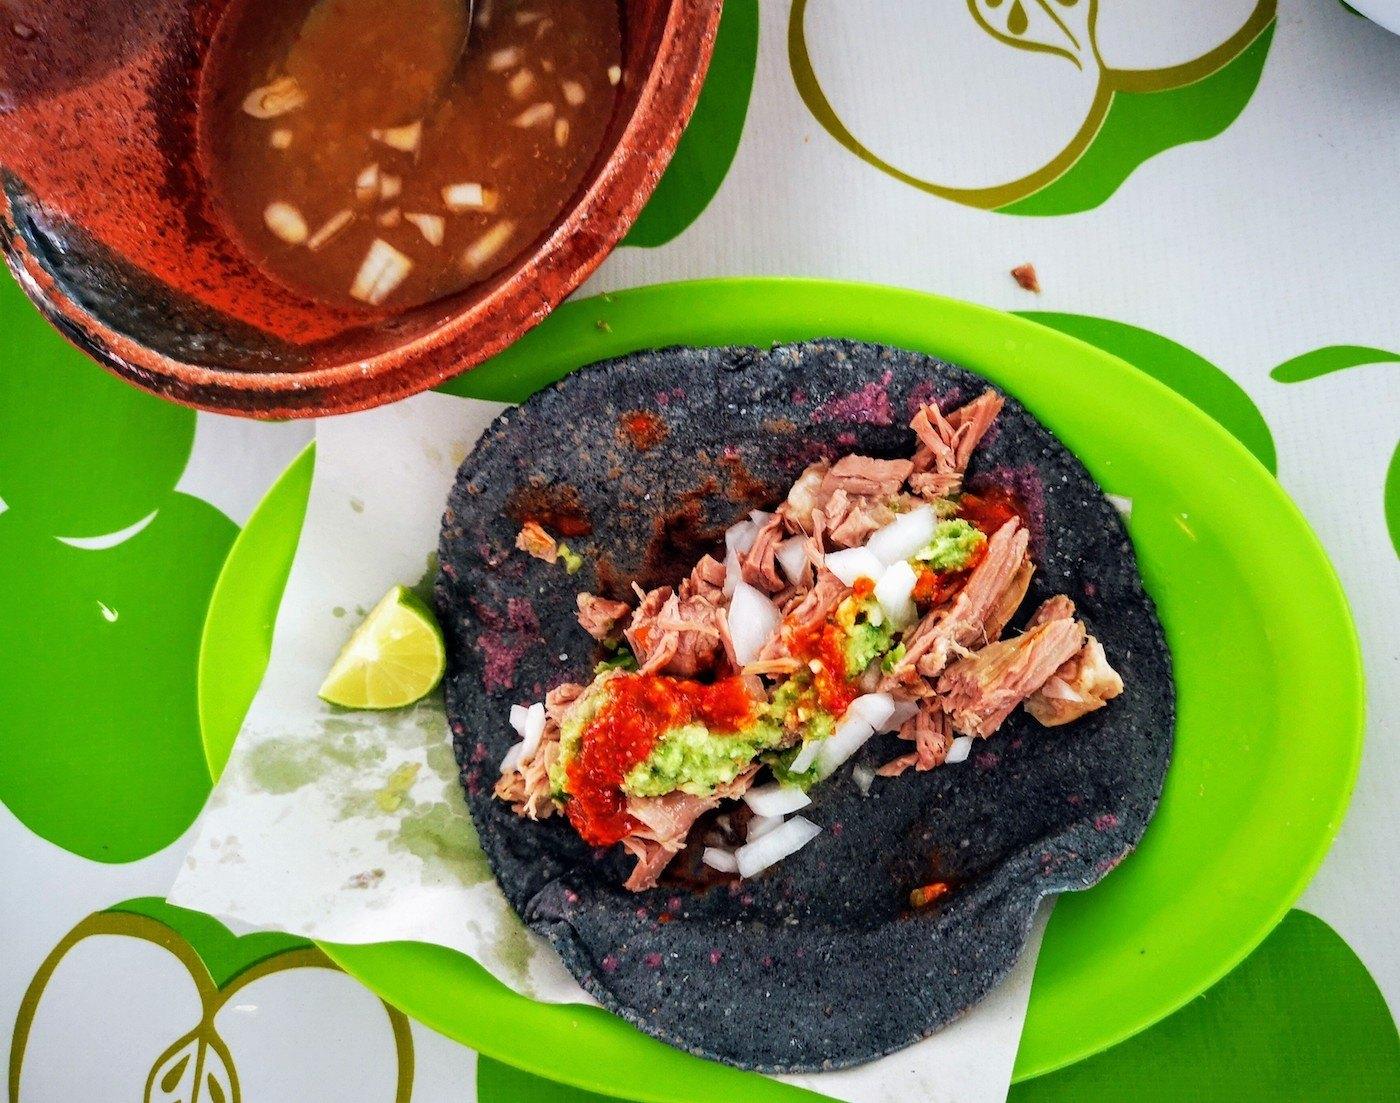 Taco de barbacoa en Villa de Tezontepec